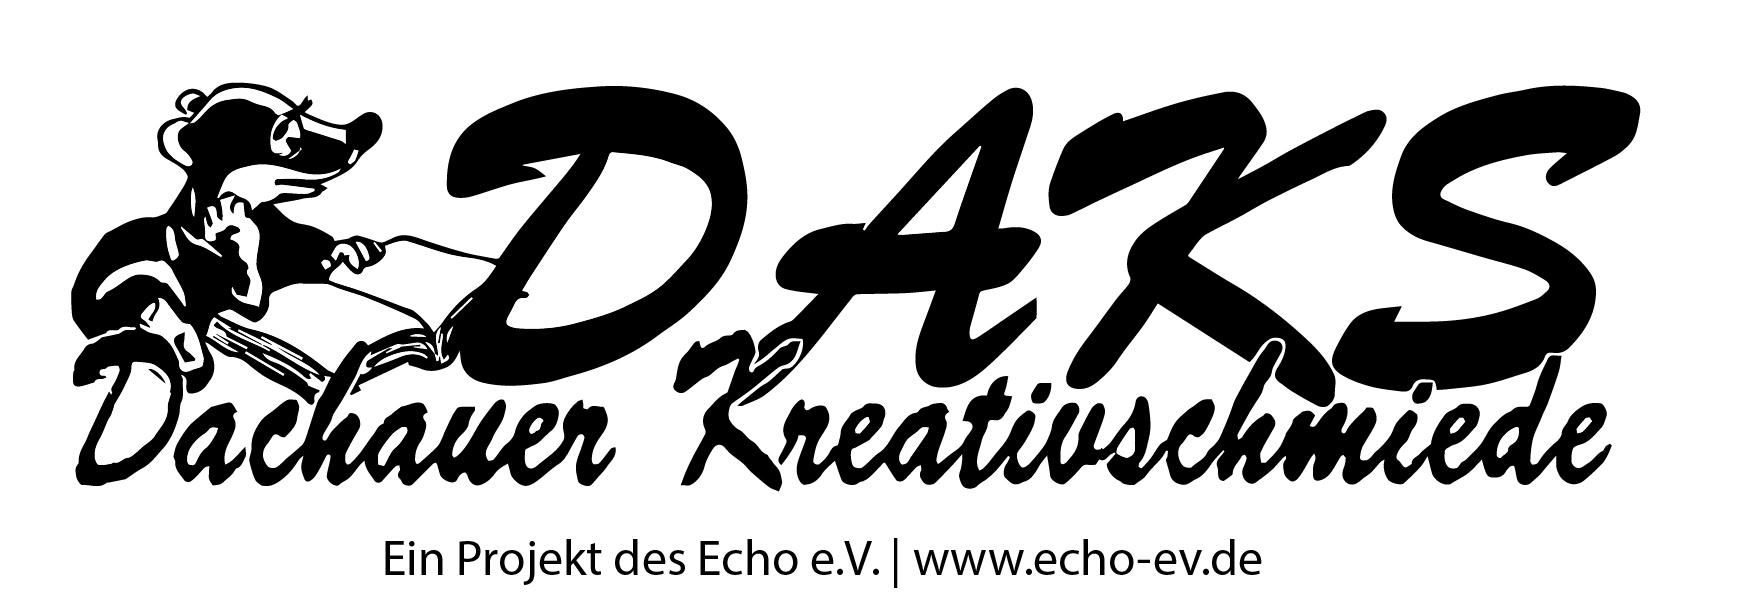 DAKS - Dachauer Kreativschmiede